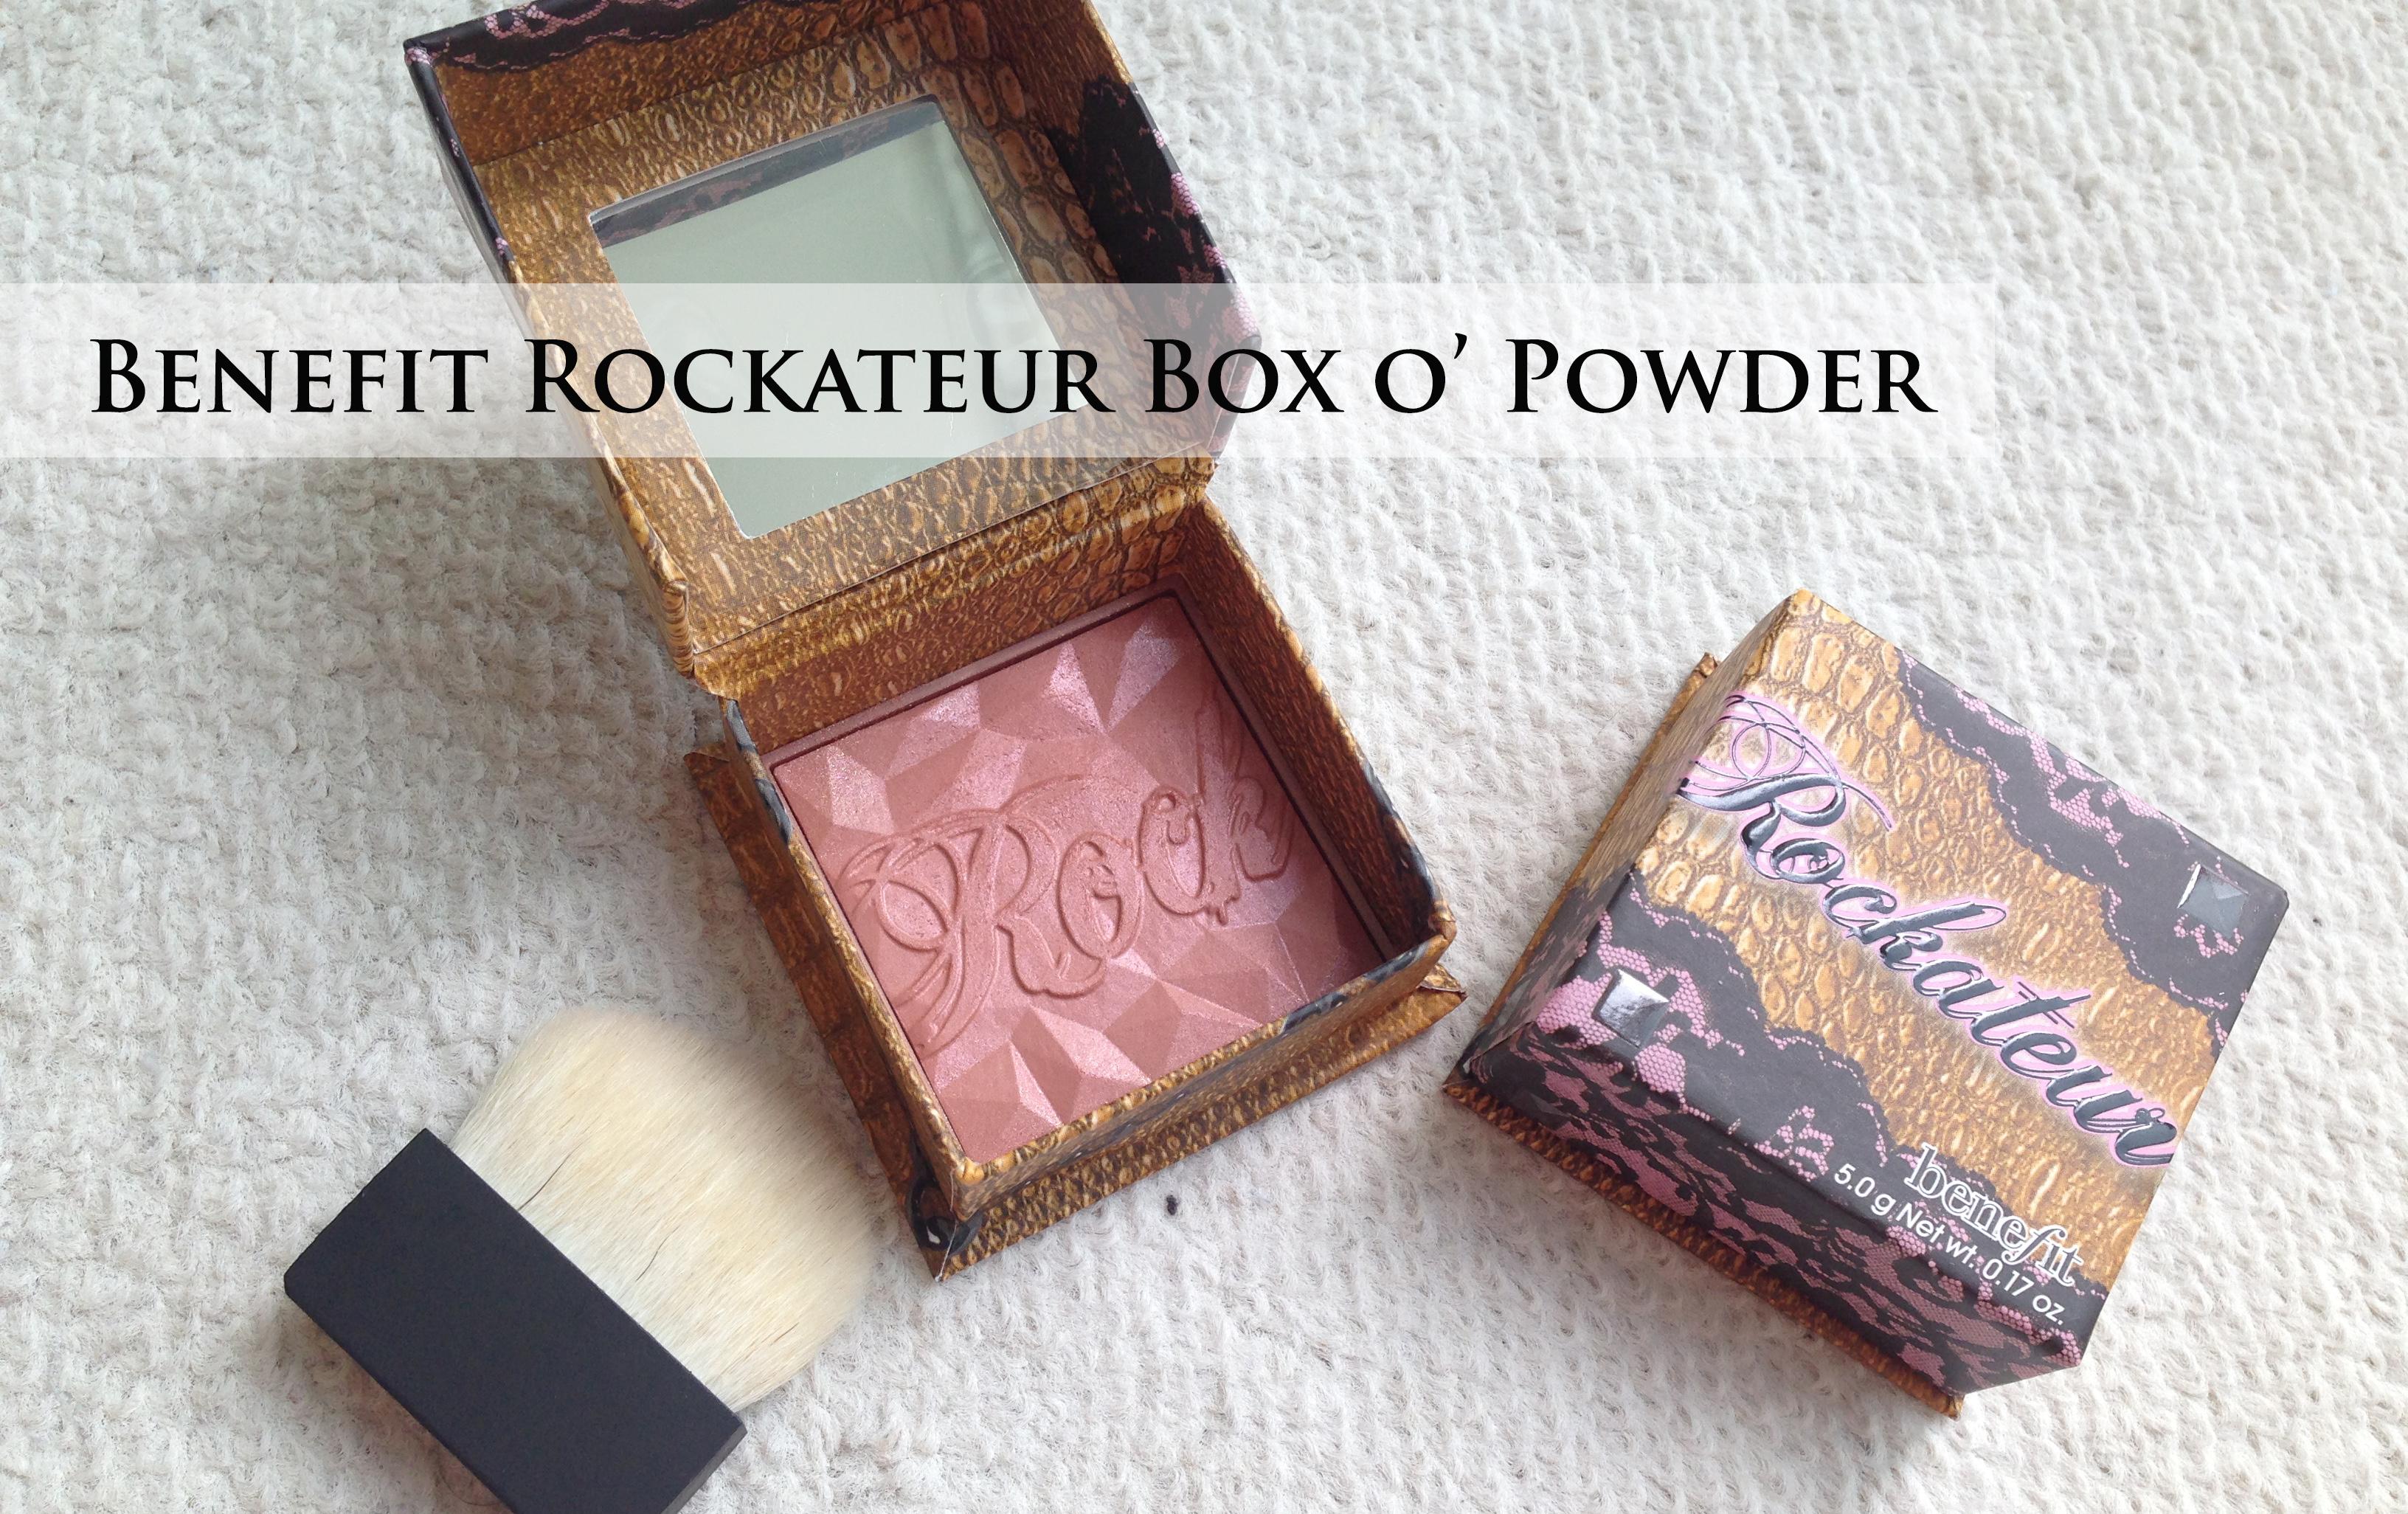 Benefit Rockateur Box O Powder Blush Vs Chanel Accent